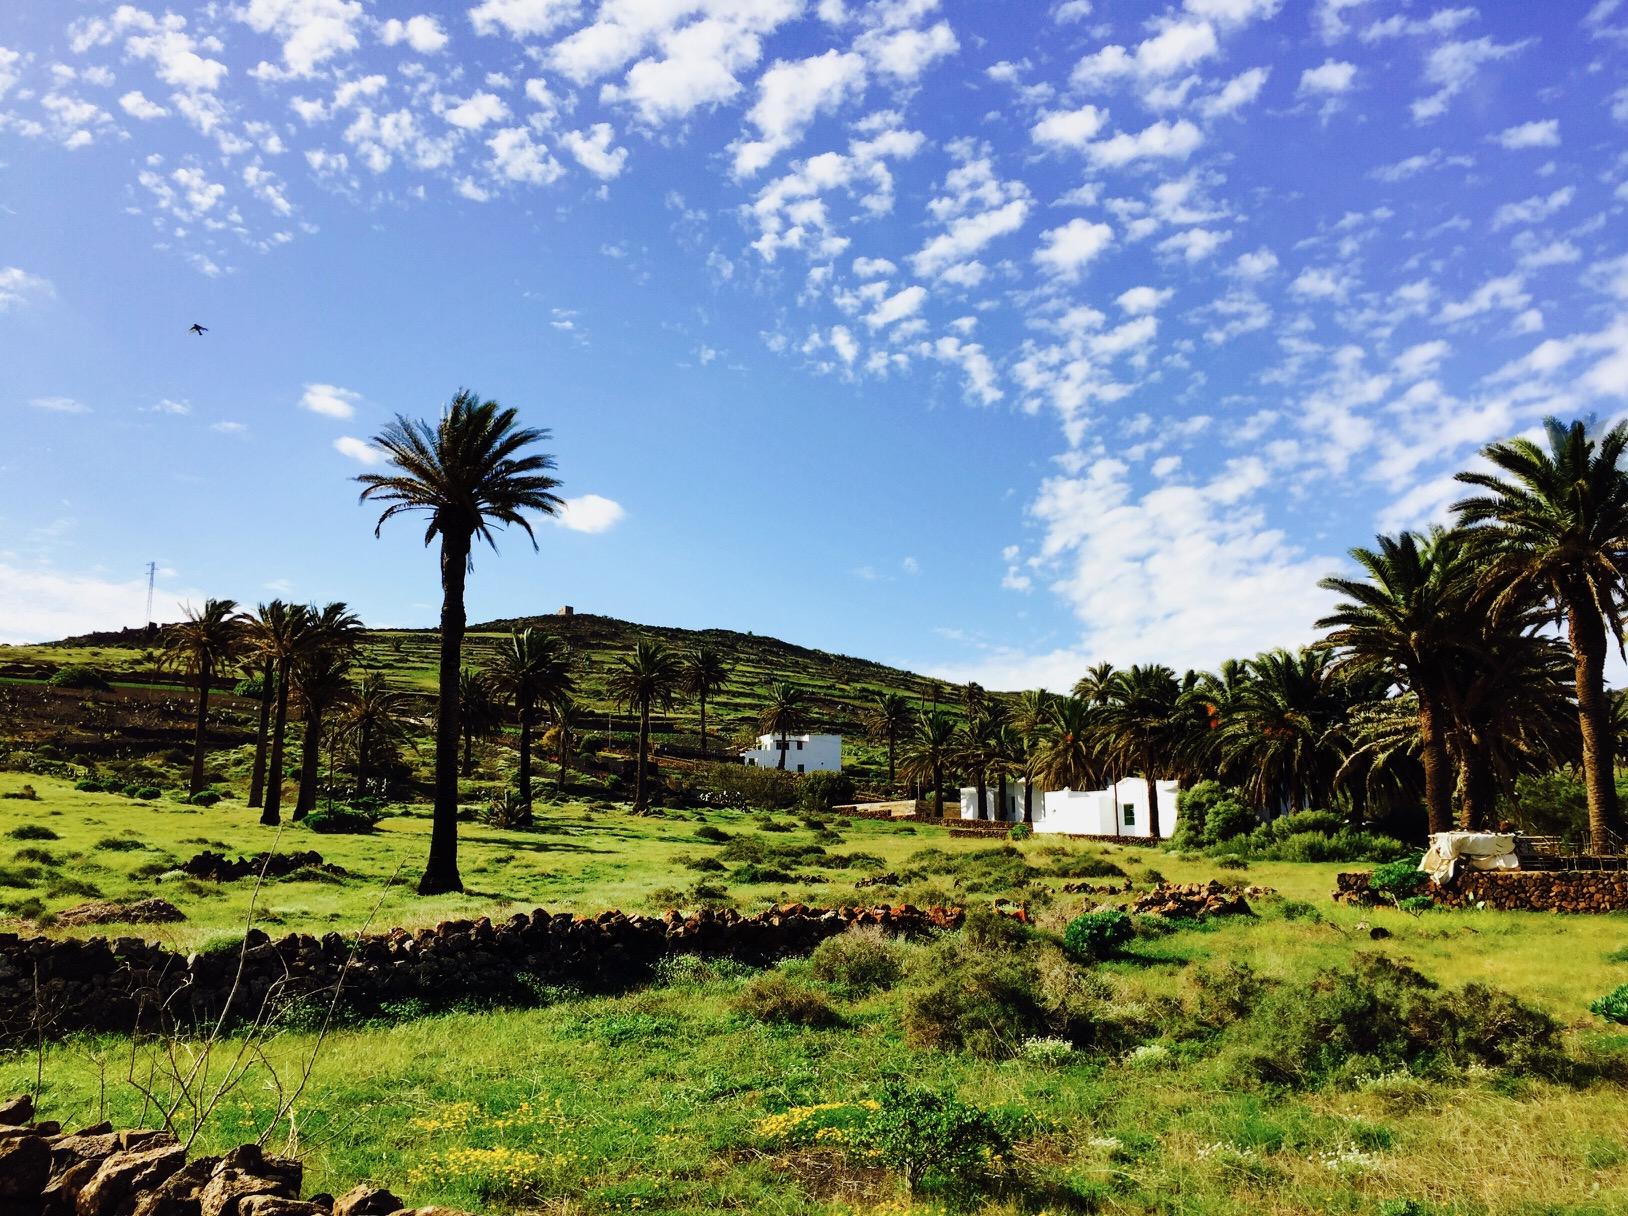 Haria auf Lanzarote, Kanaren